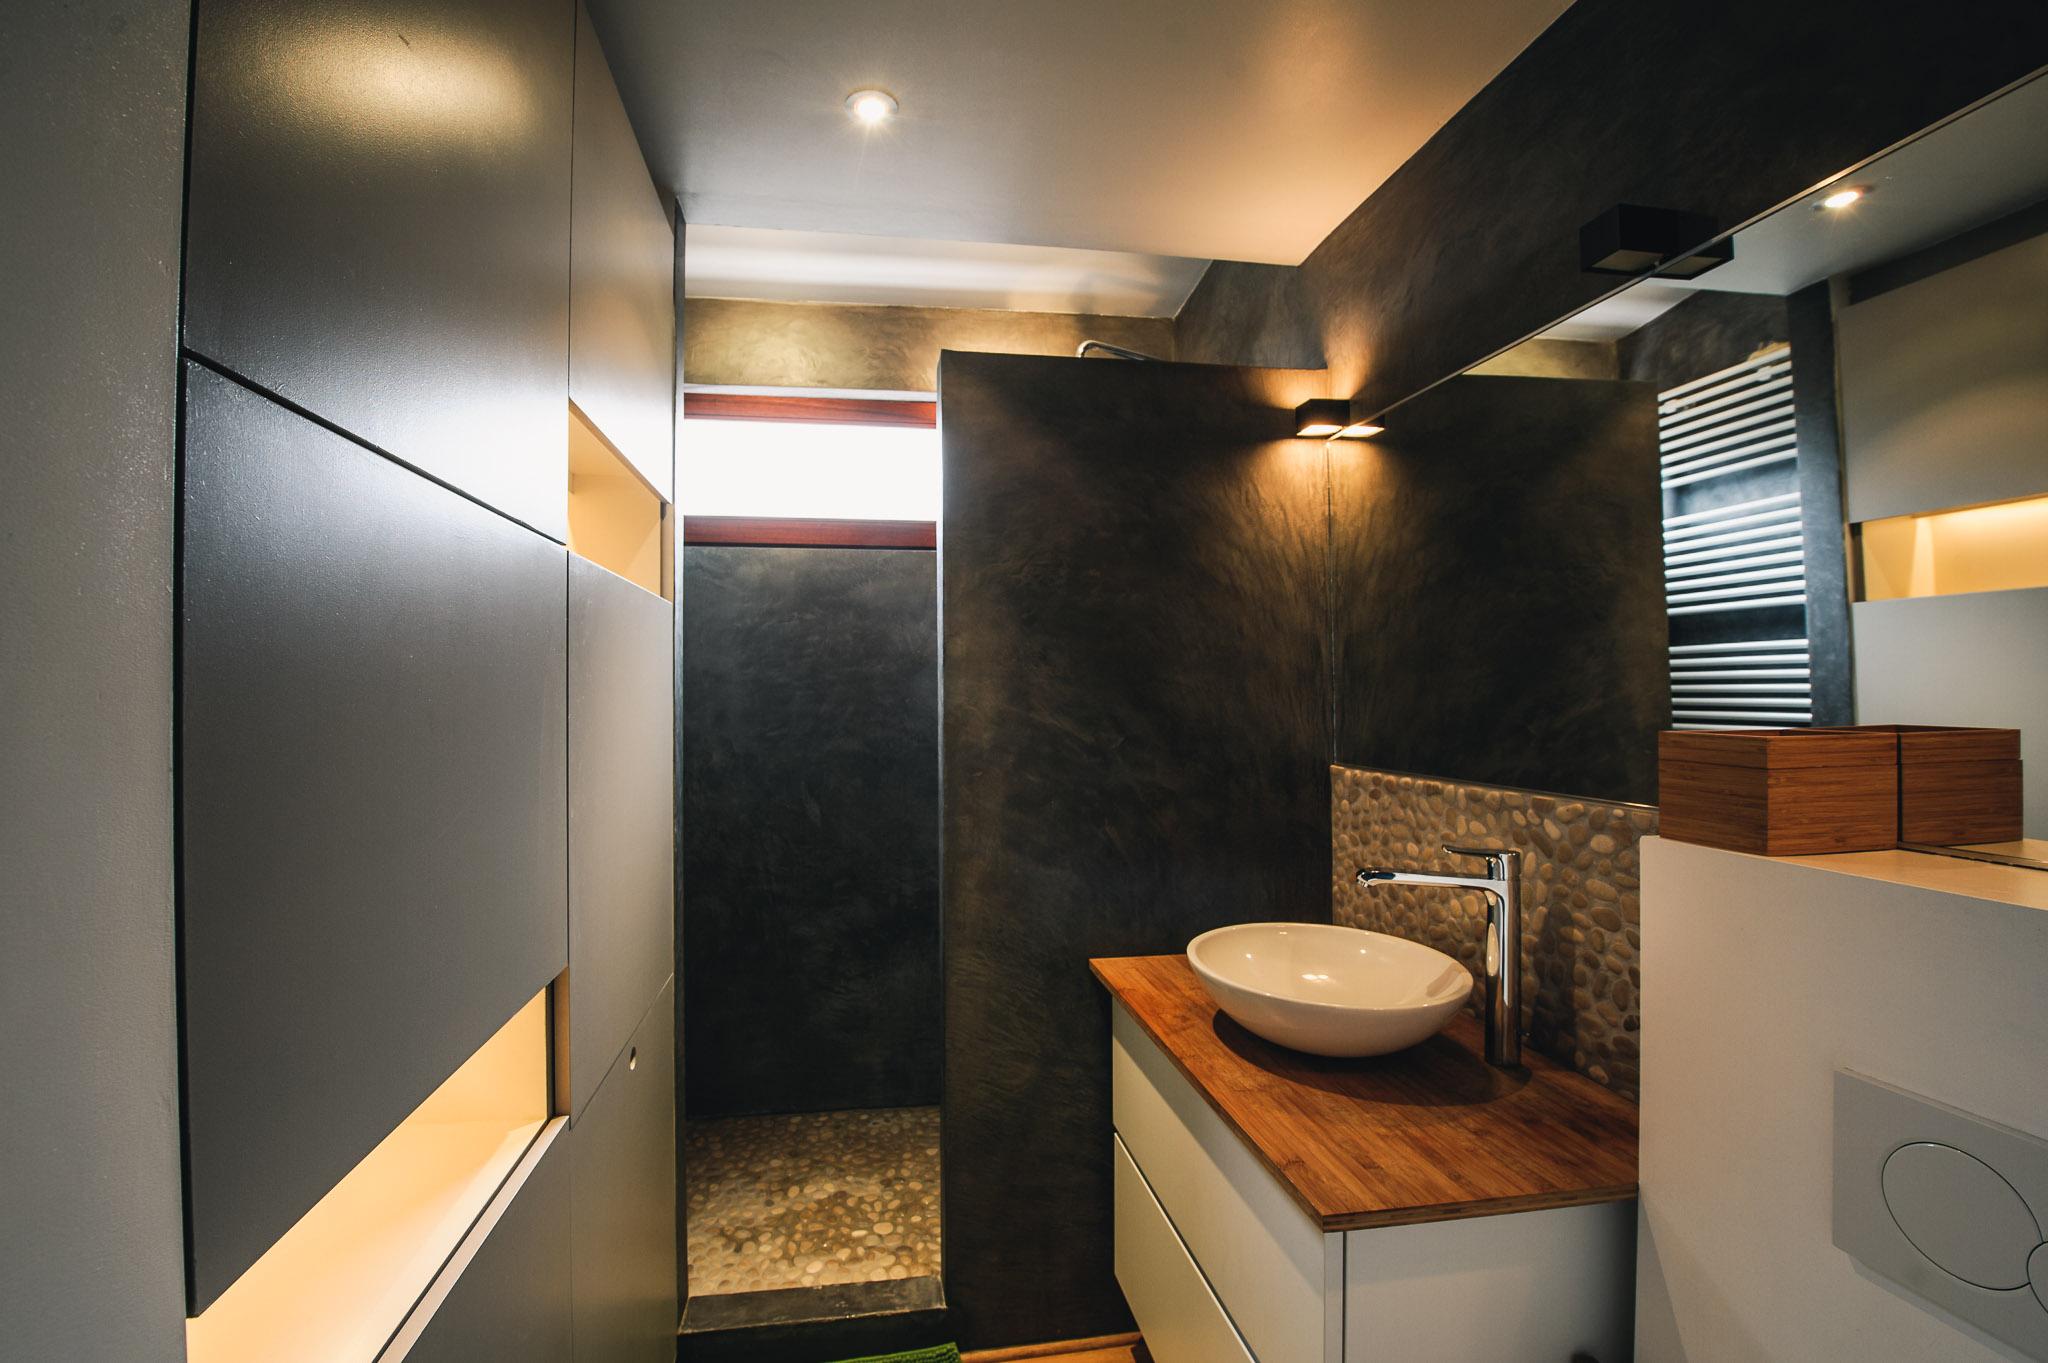 Salle De Bain En Mortex r�novation de salle-de-bain - architecture d'int�rieur